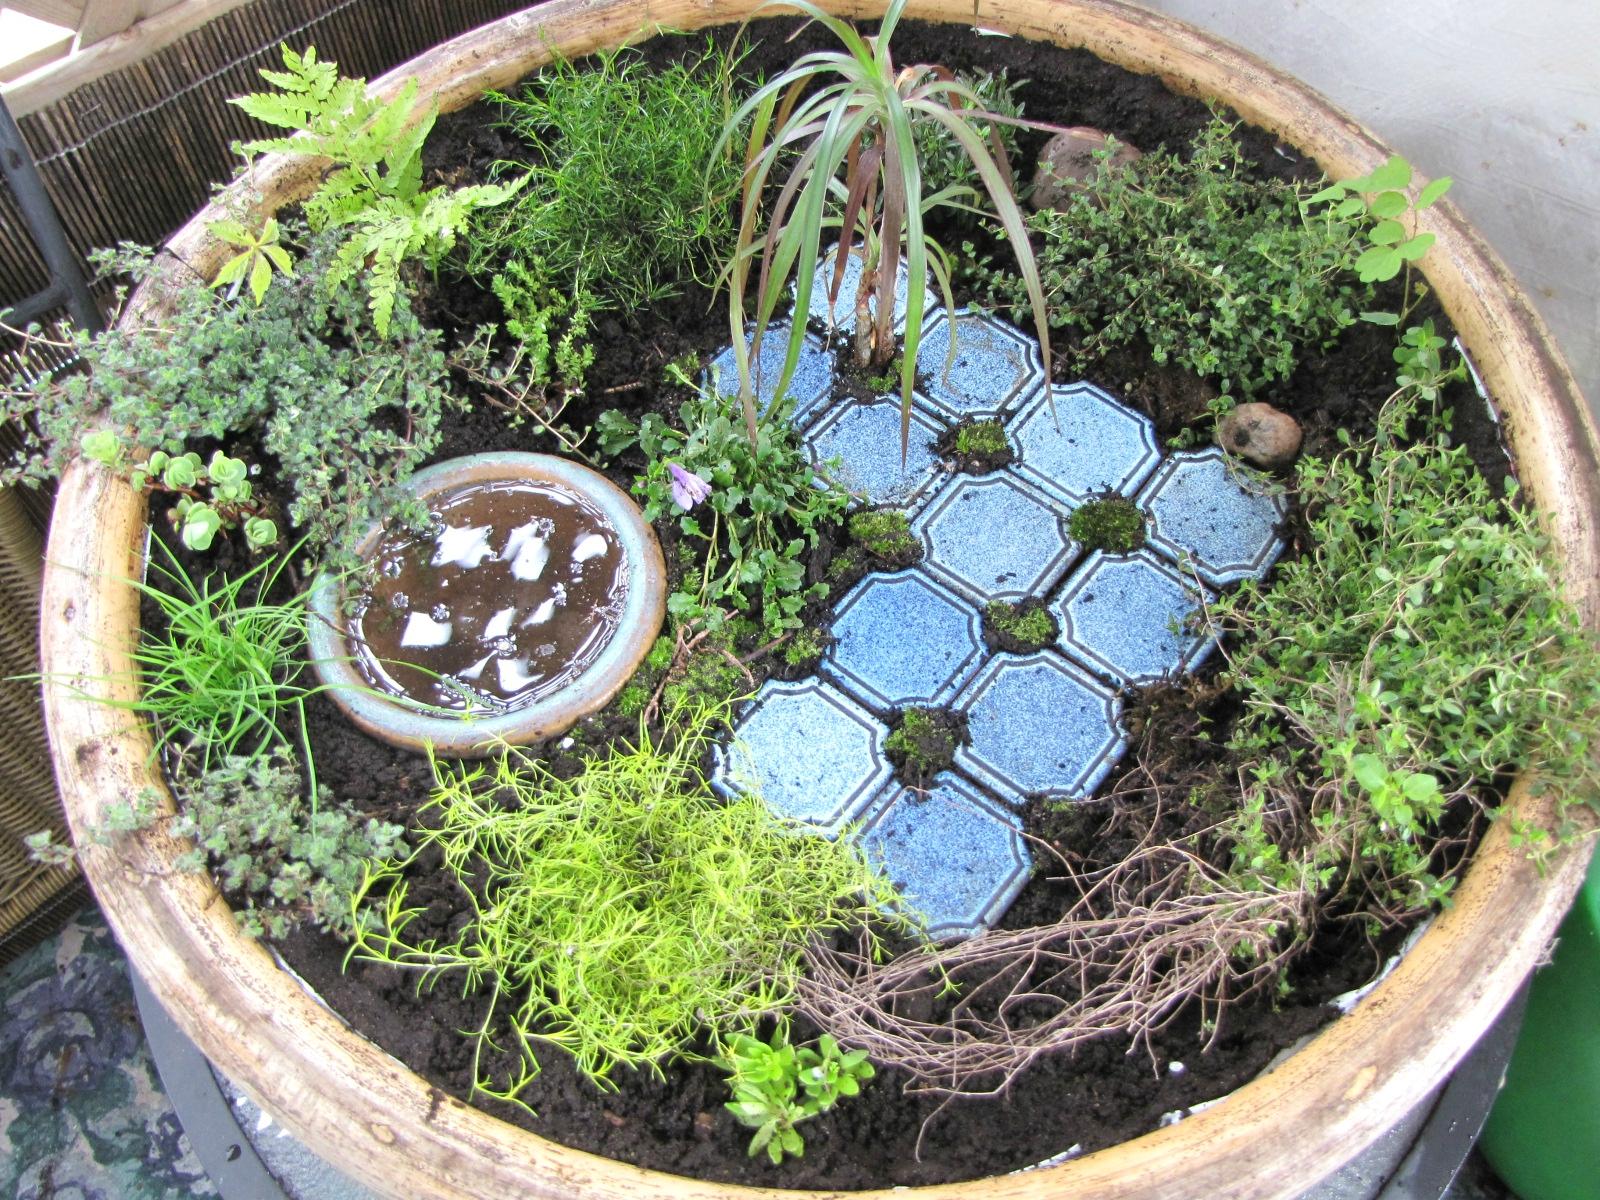 Jardin miniature la clef des songes - J ai trouve un herisson dans mon jardin que faire ...